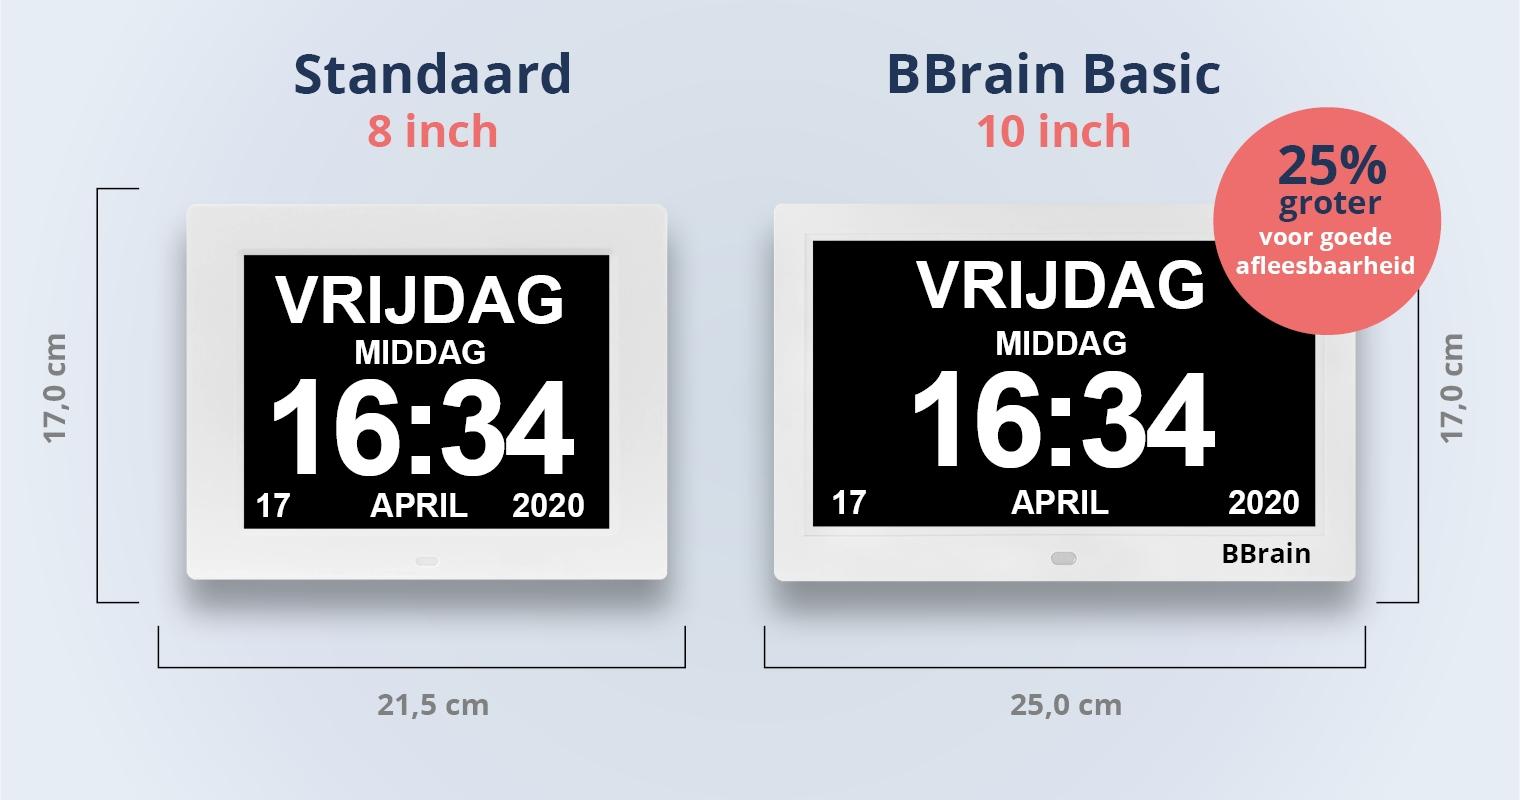 Vergelijking BBrain 10 inch en 8 inch